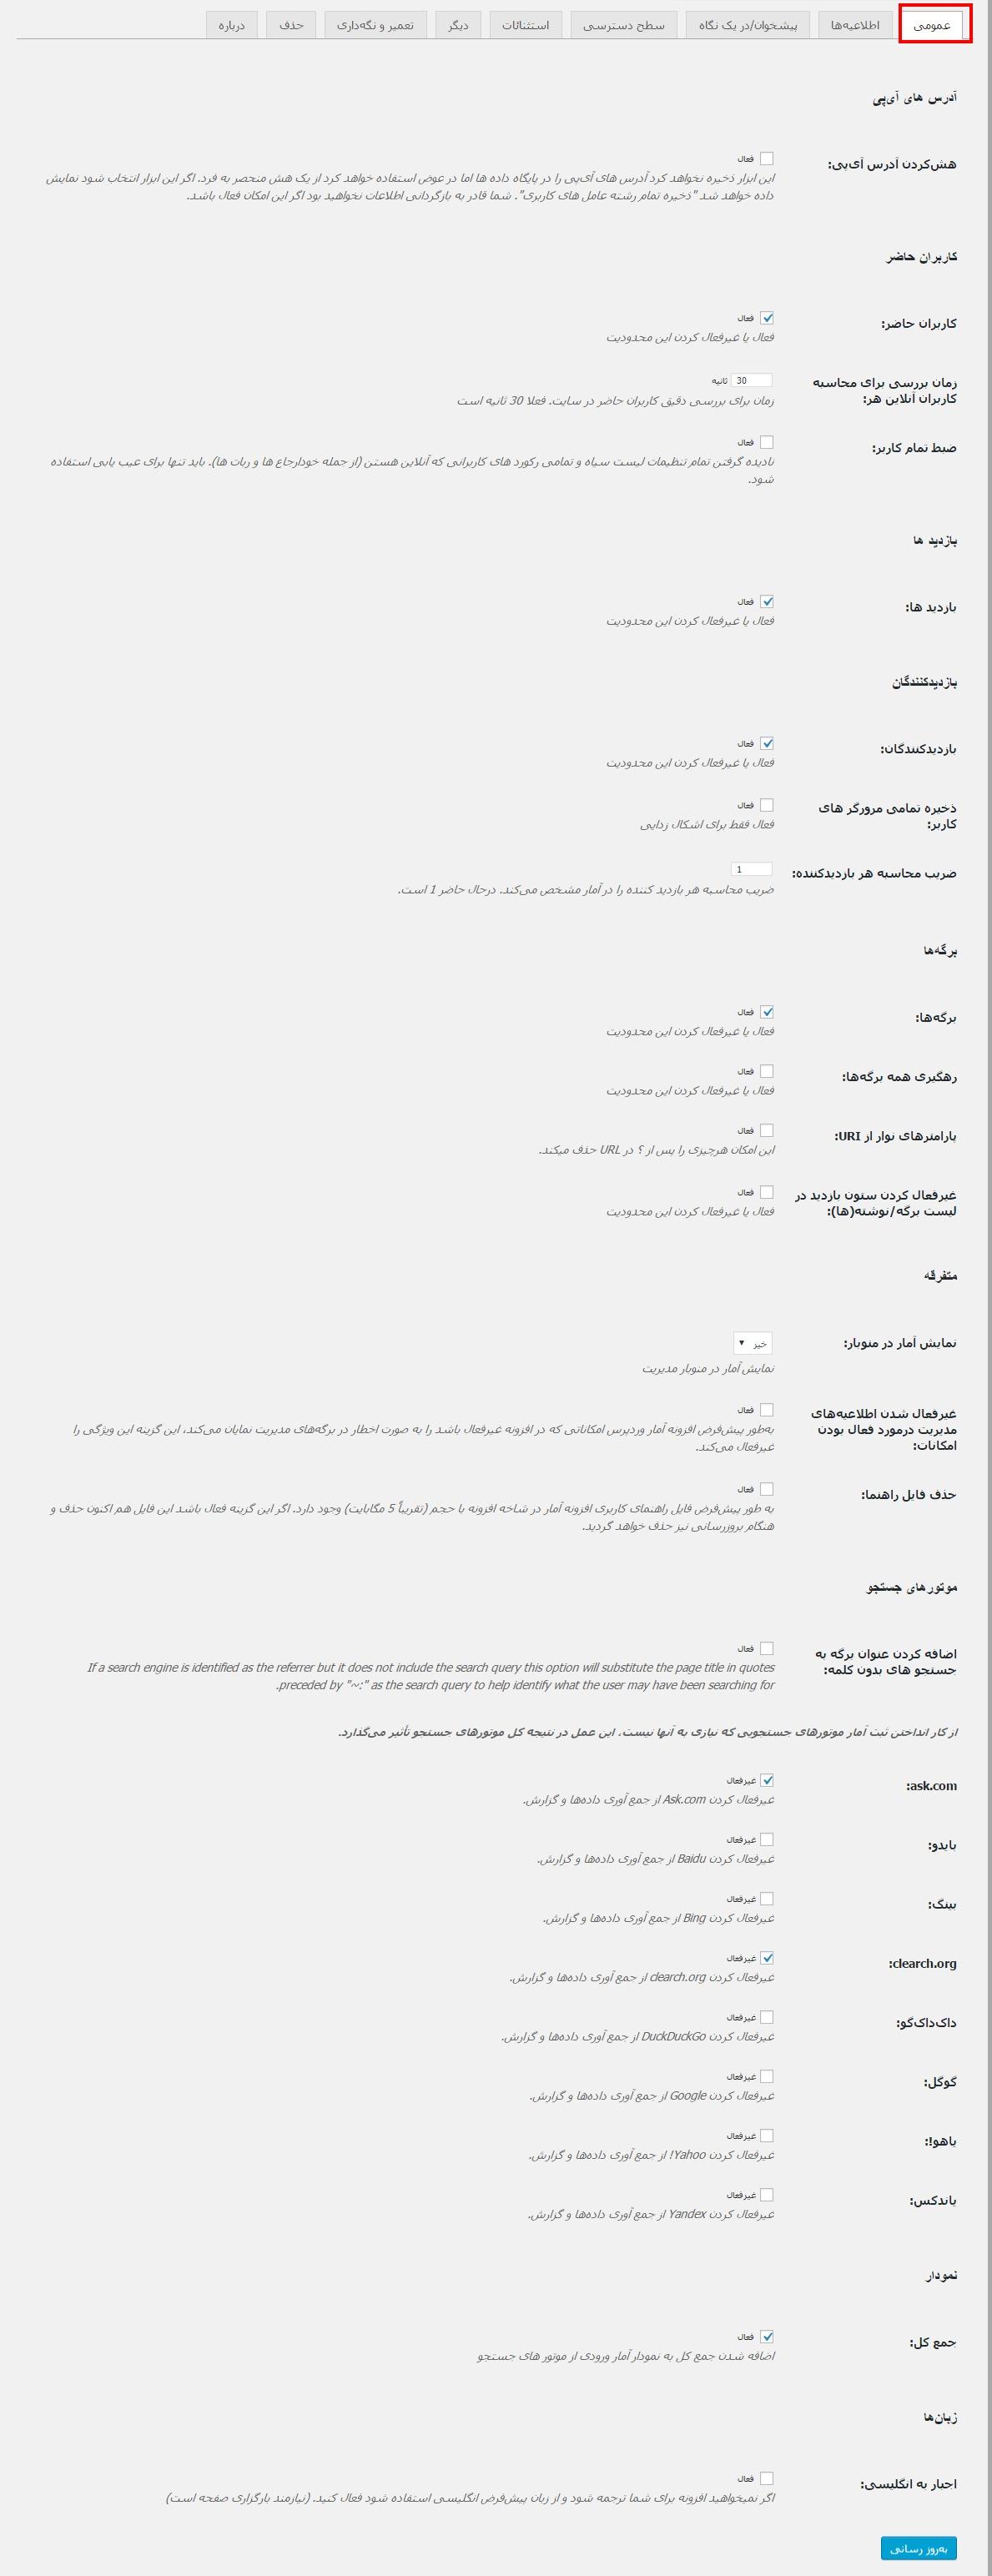 general-wp-st-mabnawp پلاگین نمایش آمار کامل وردپرس